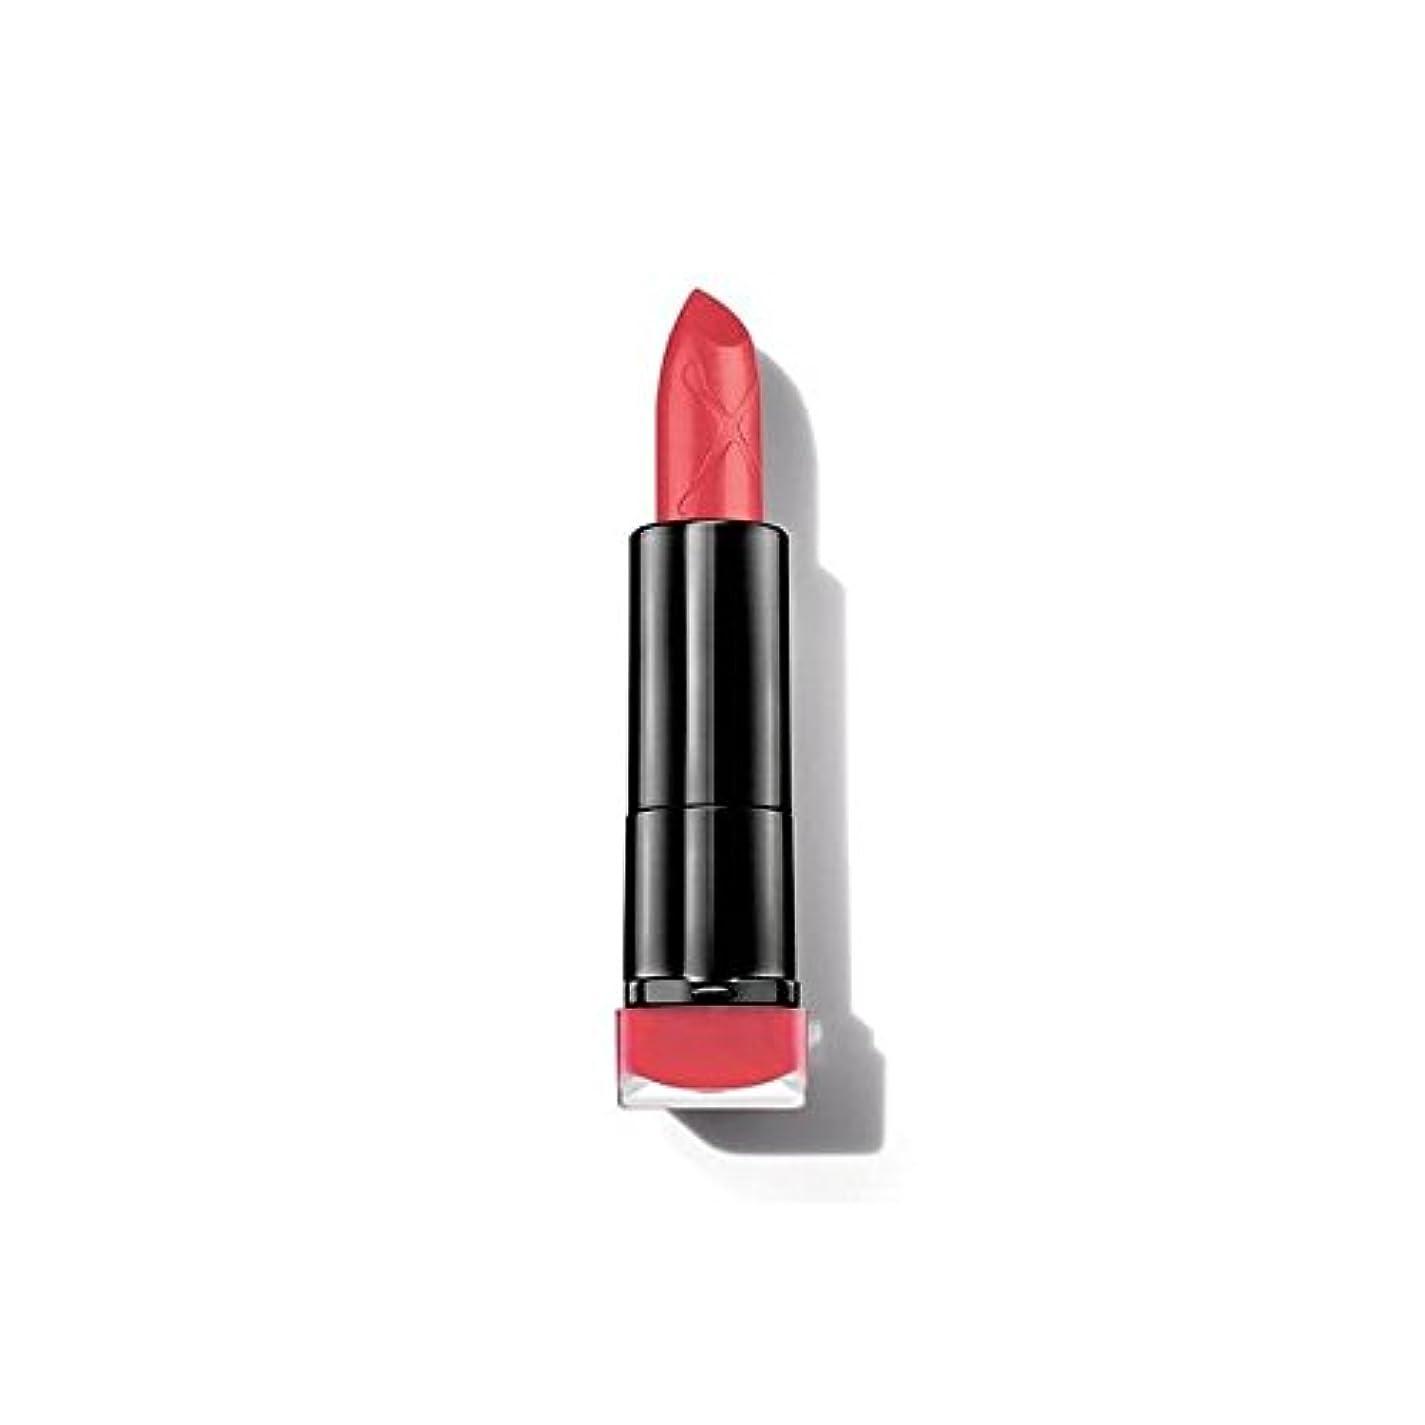 圧縮された従う頑張るMax Factor Colour Elixir Matte Bullet Lipstick Flame 15 (Pack of 6) - マックスファクターカラーエリキシルマット弾丸口紅火炎15 x6 [並行輸入品]